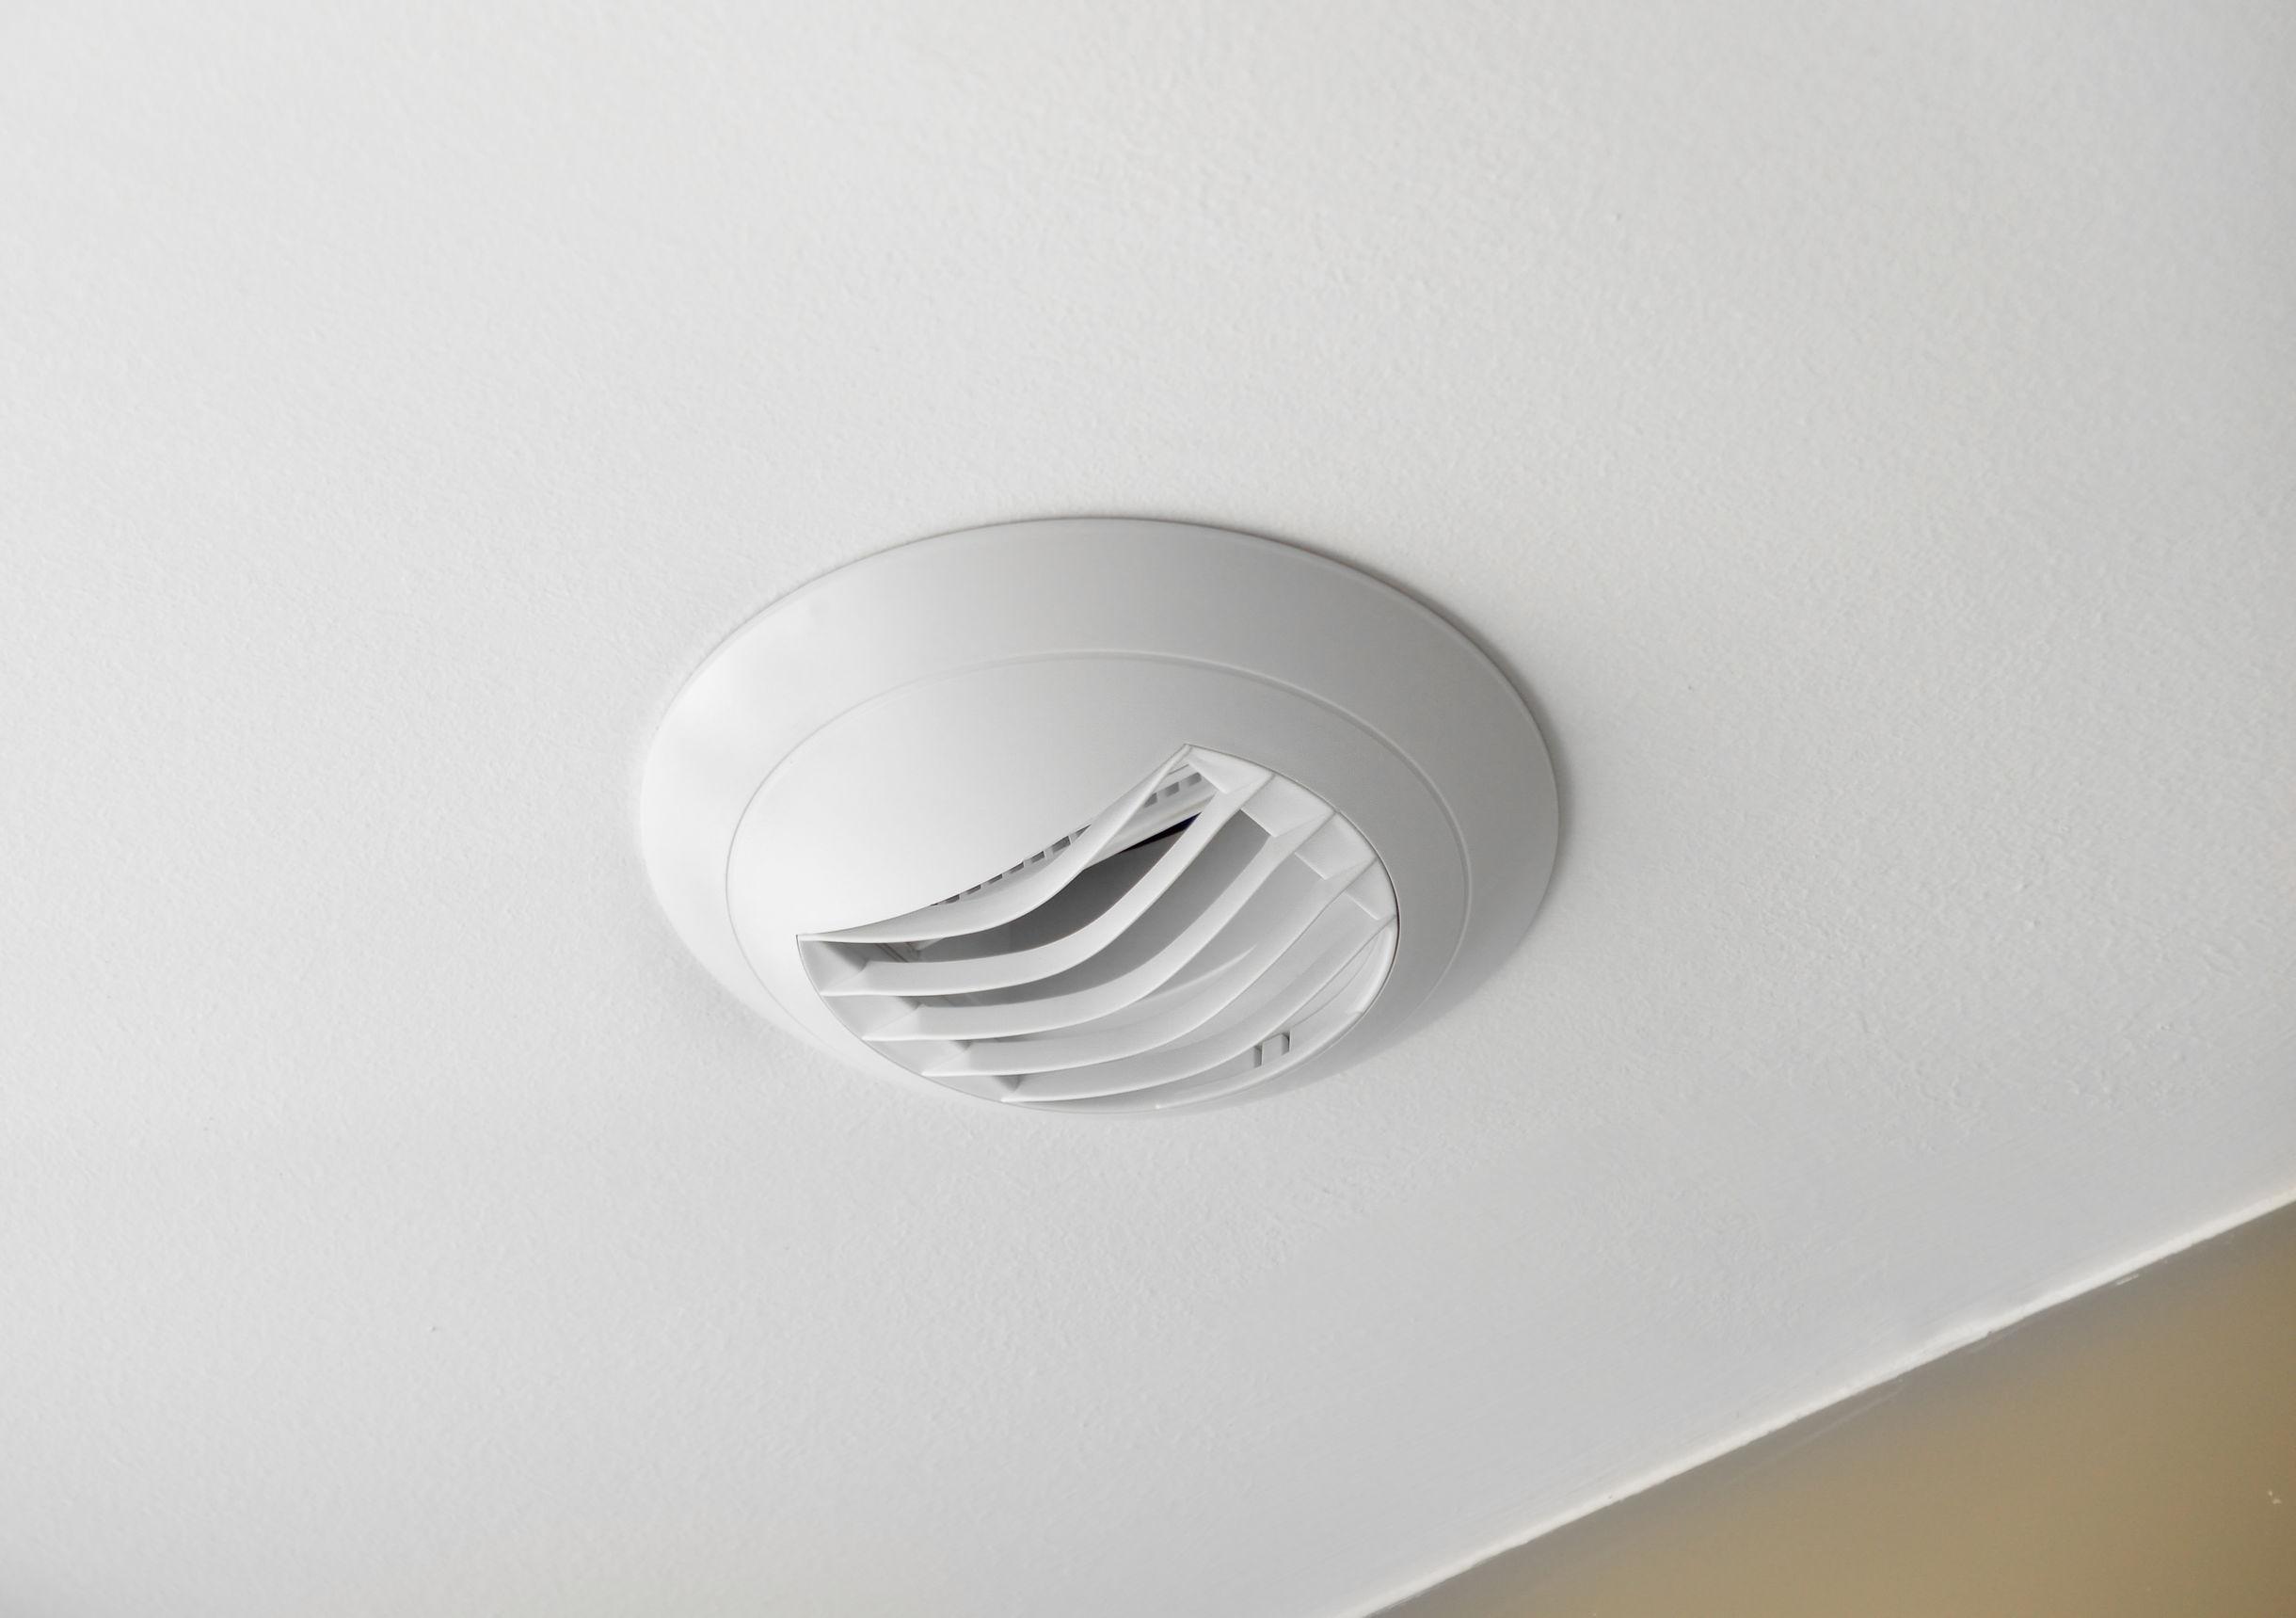 Ventilador de baño para renovar el aire en estancias húmedas